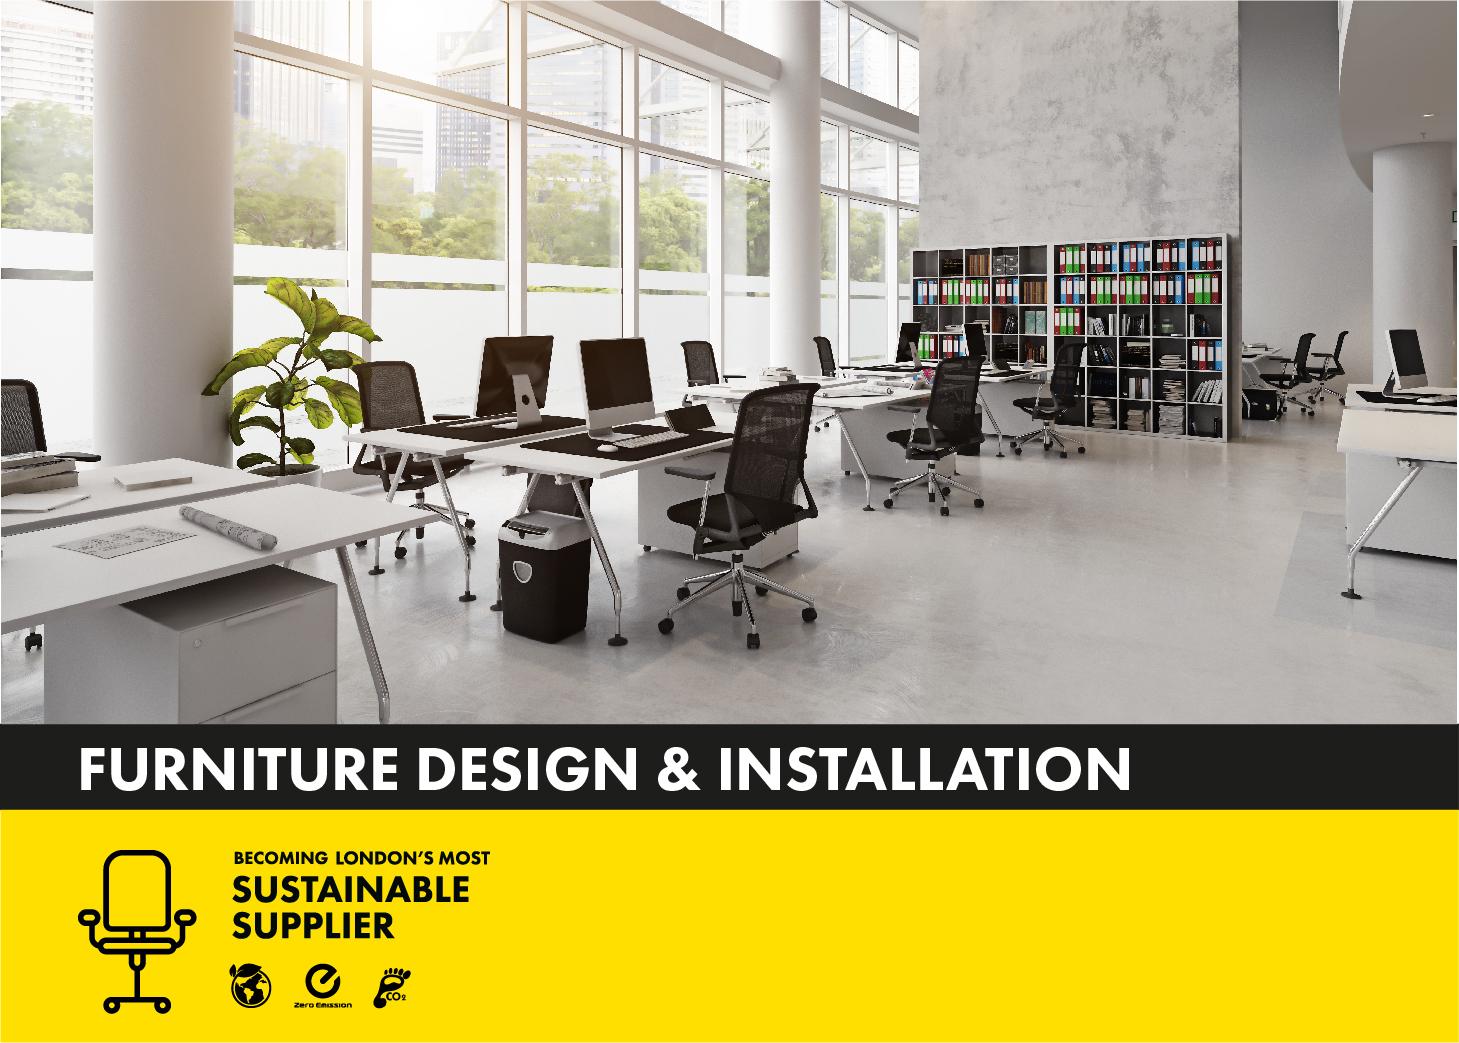 Furniture Design & Installation